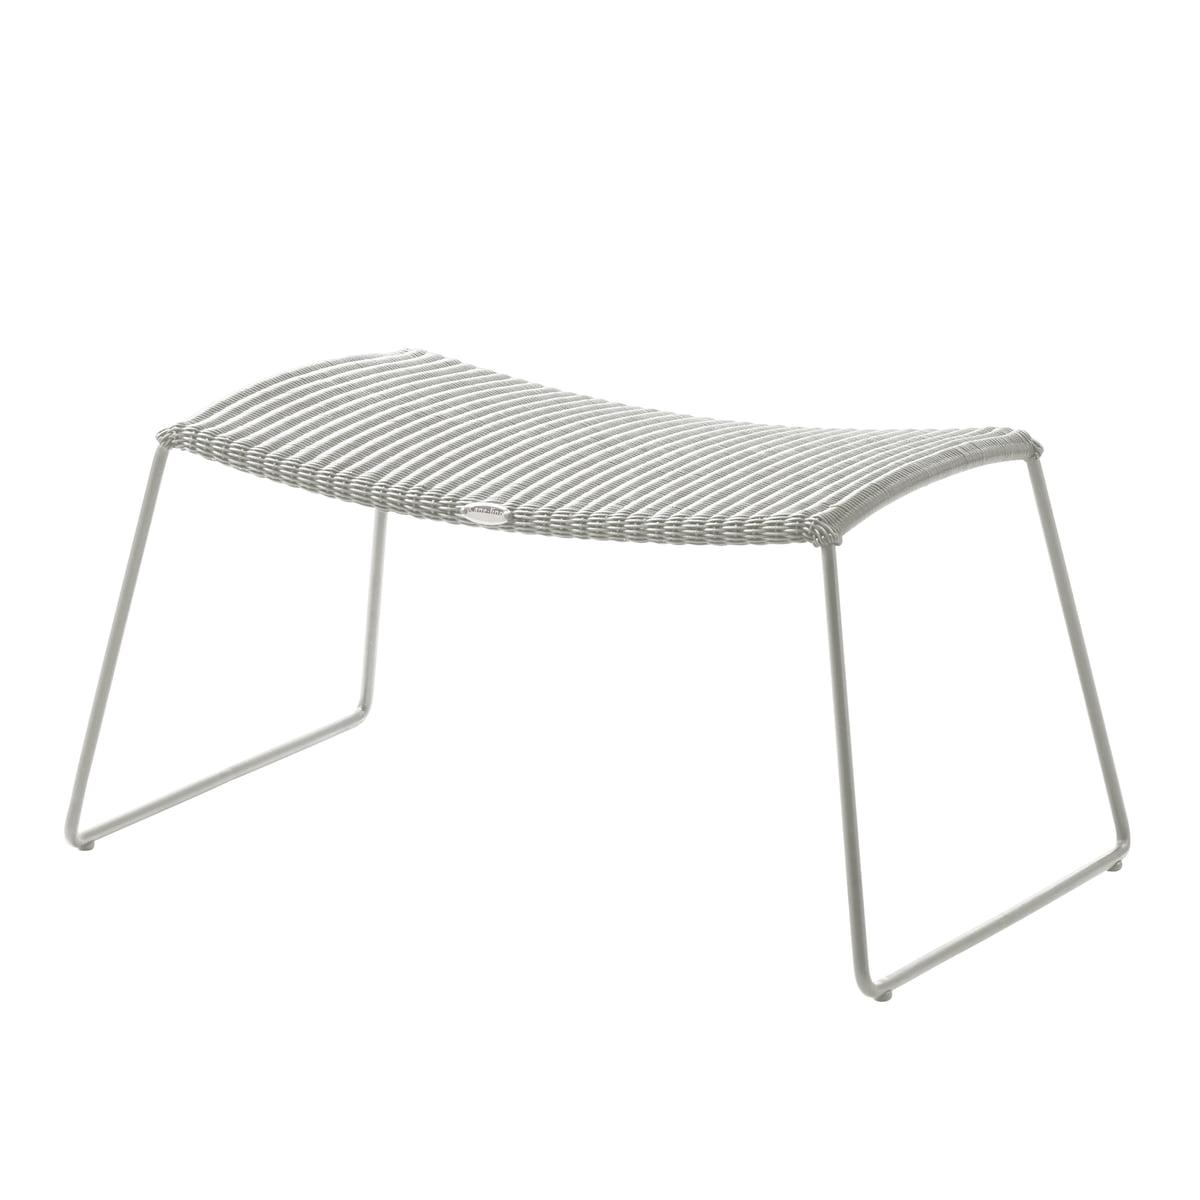 Cane-line - Breeze Hocker (5369), weiß-grau